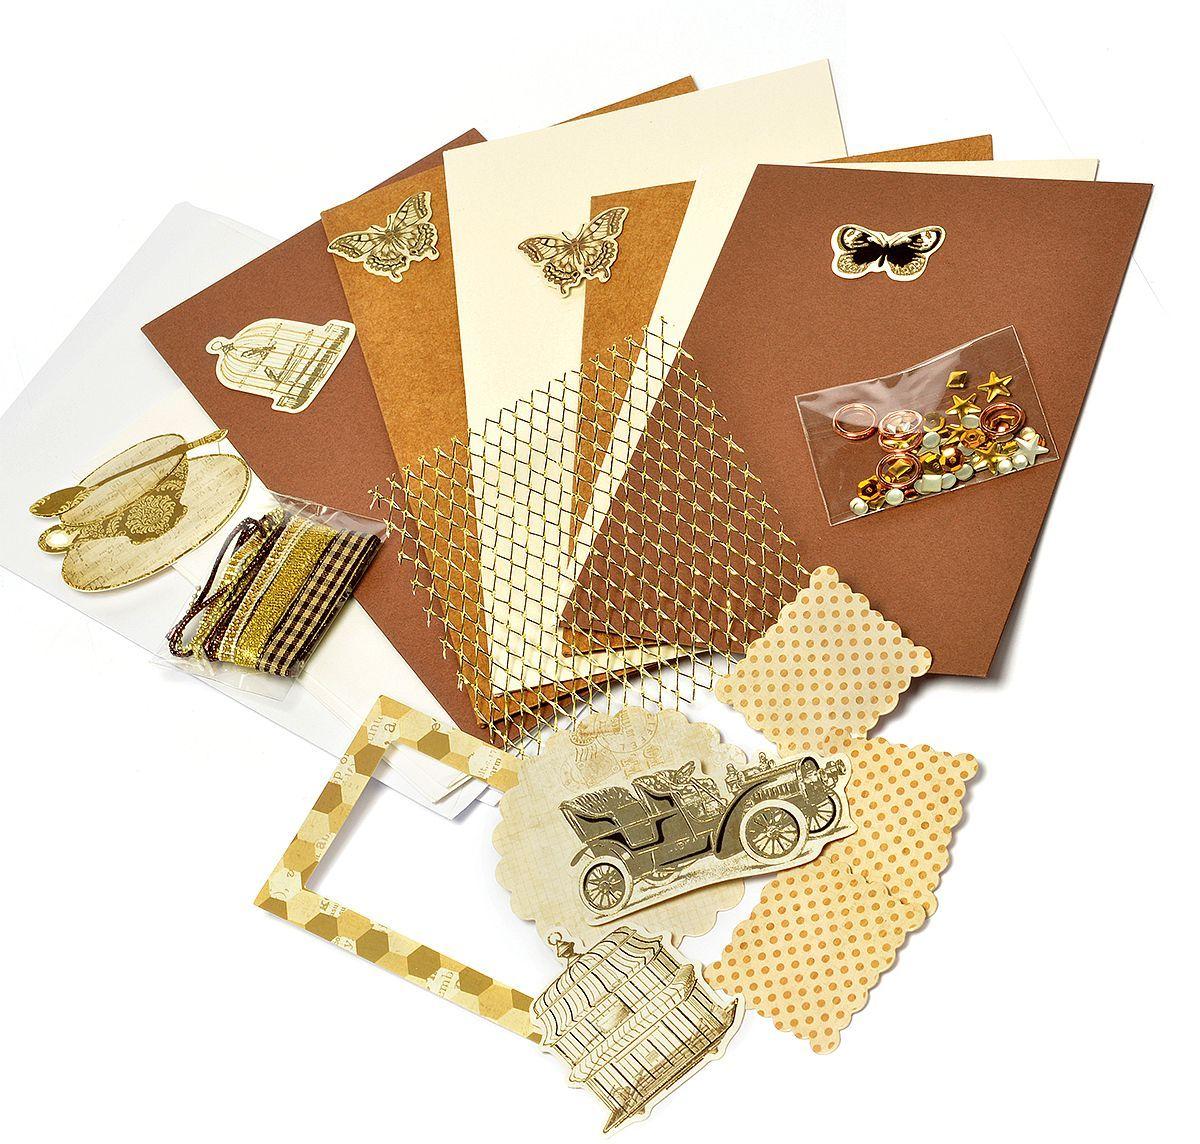 Набор для создания открыток Magic 4 Hobby MG.DIY-6B №3 11,5x17 см; 11,5x21 смMG.DIY-6B.3